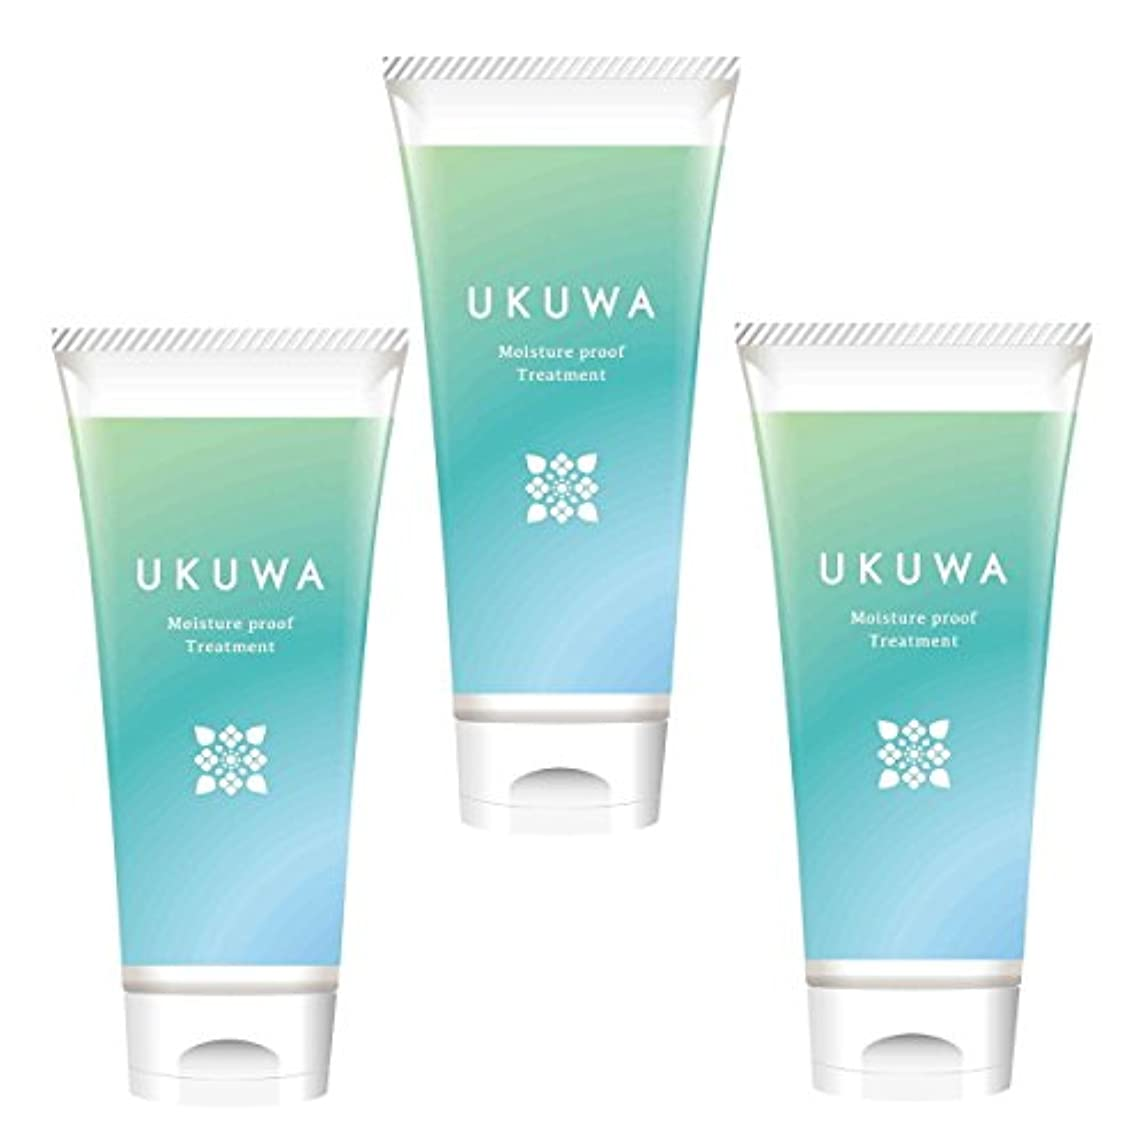 おんどりピケ突っ込むディアテック UKUWA(ウクワ)(雨花)モイスチャー プルーフ トリートメント 100g×3本セット